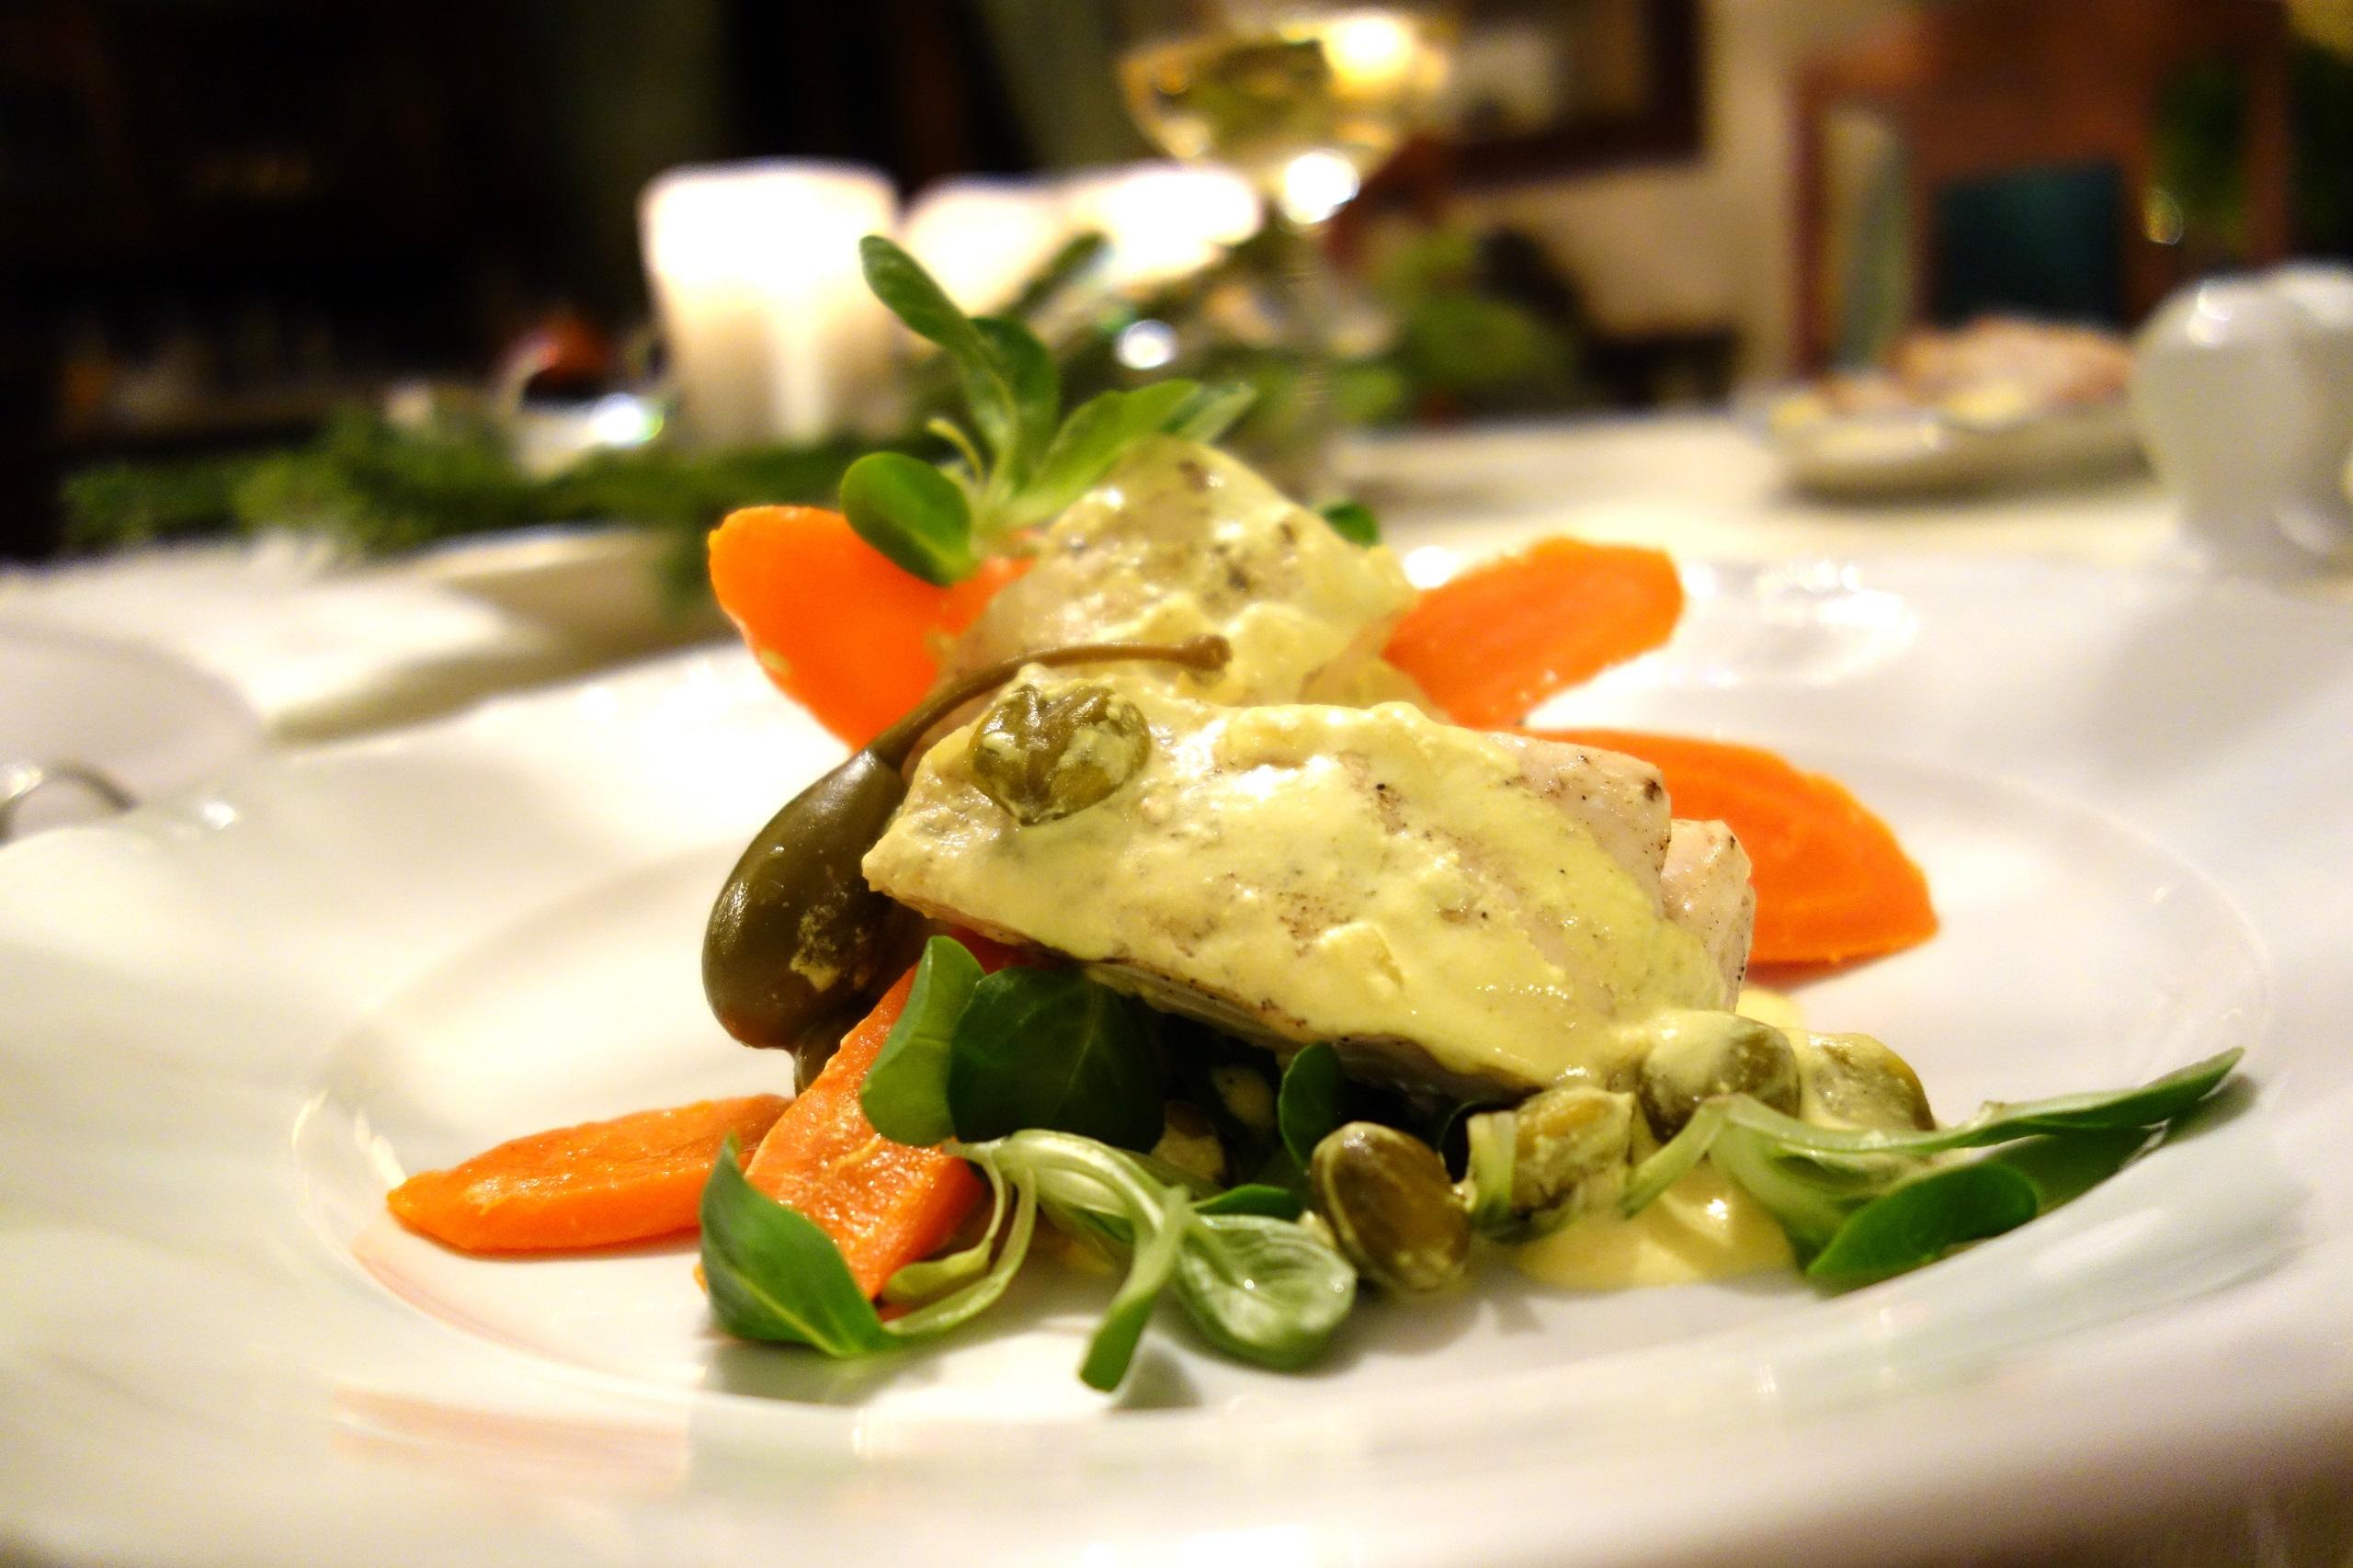 Jaworowy Dwór - pyszne mięso z warzywami